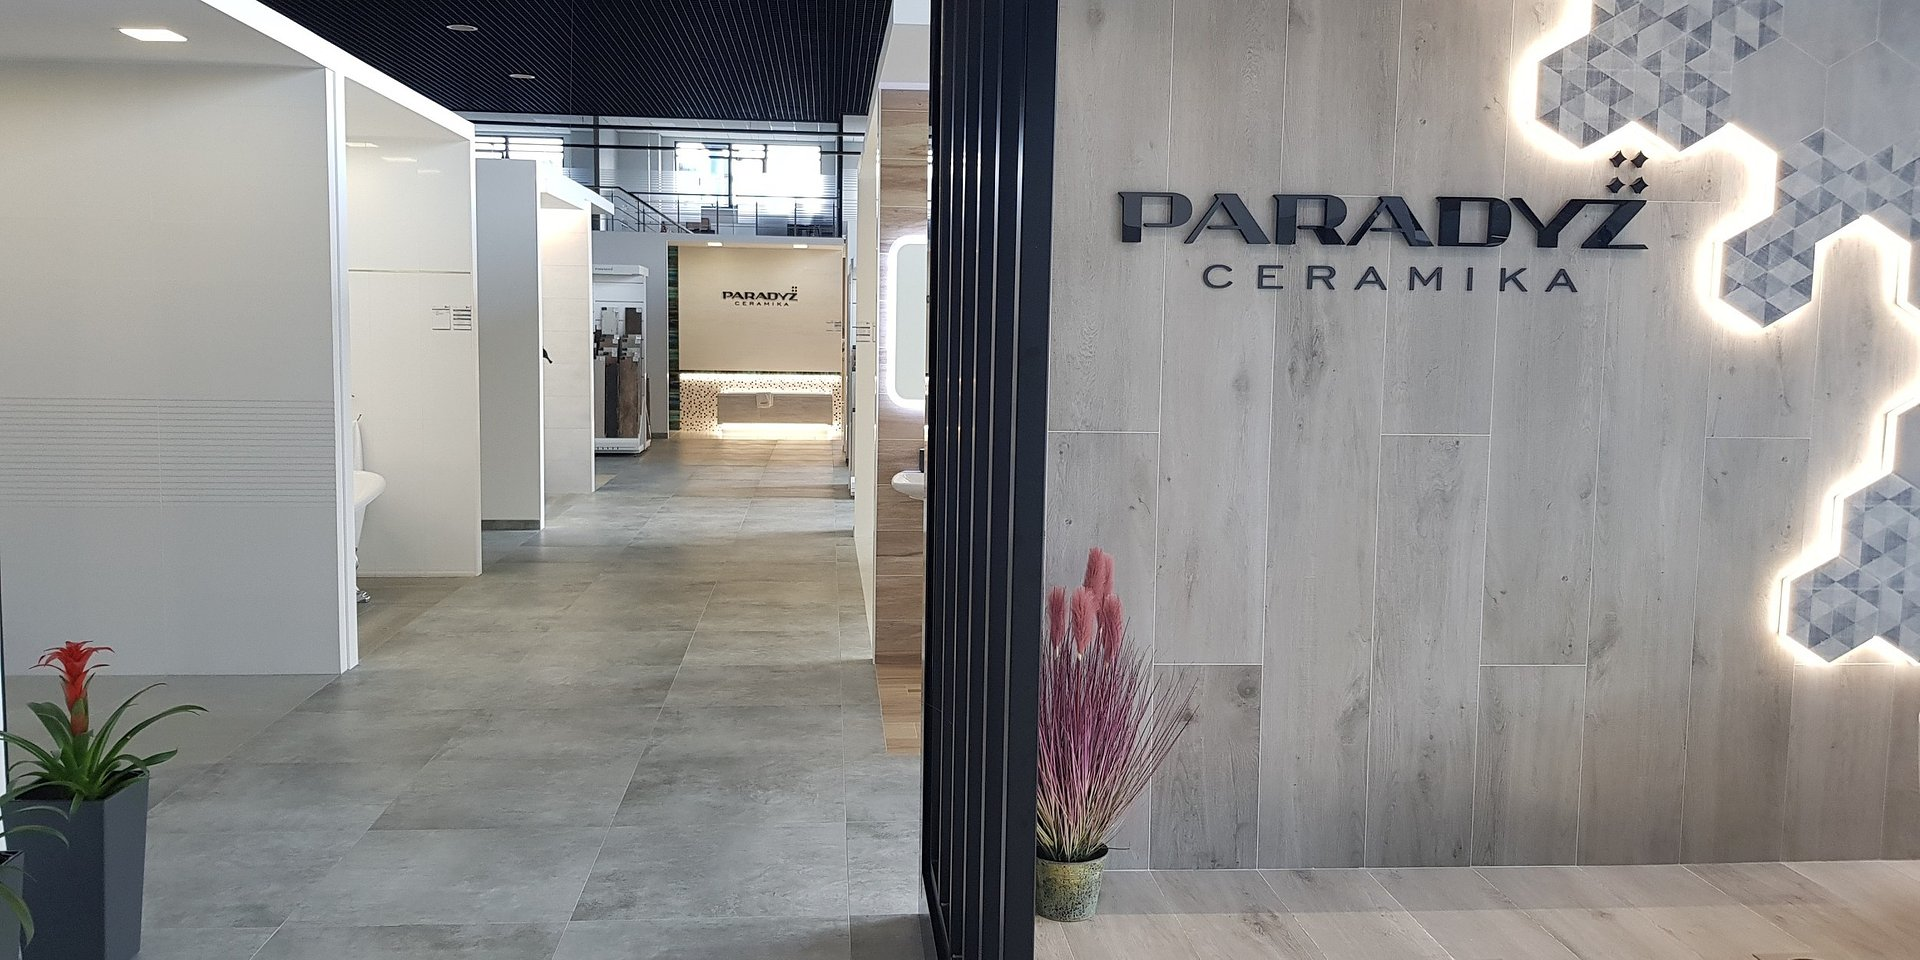 Produkty Ceramiki Paradyż w nowym salonie sprzedaży w Kijowie